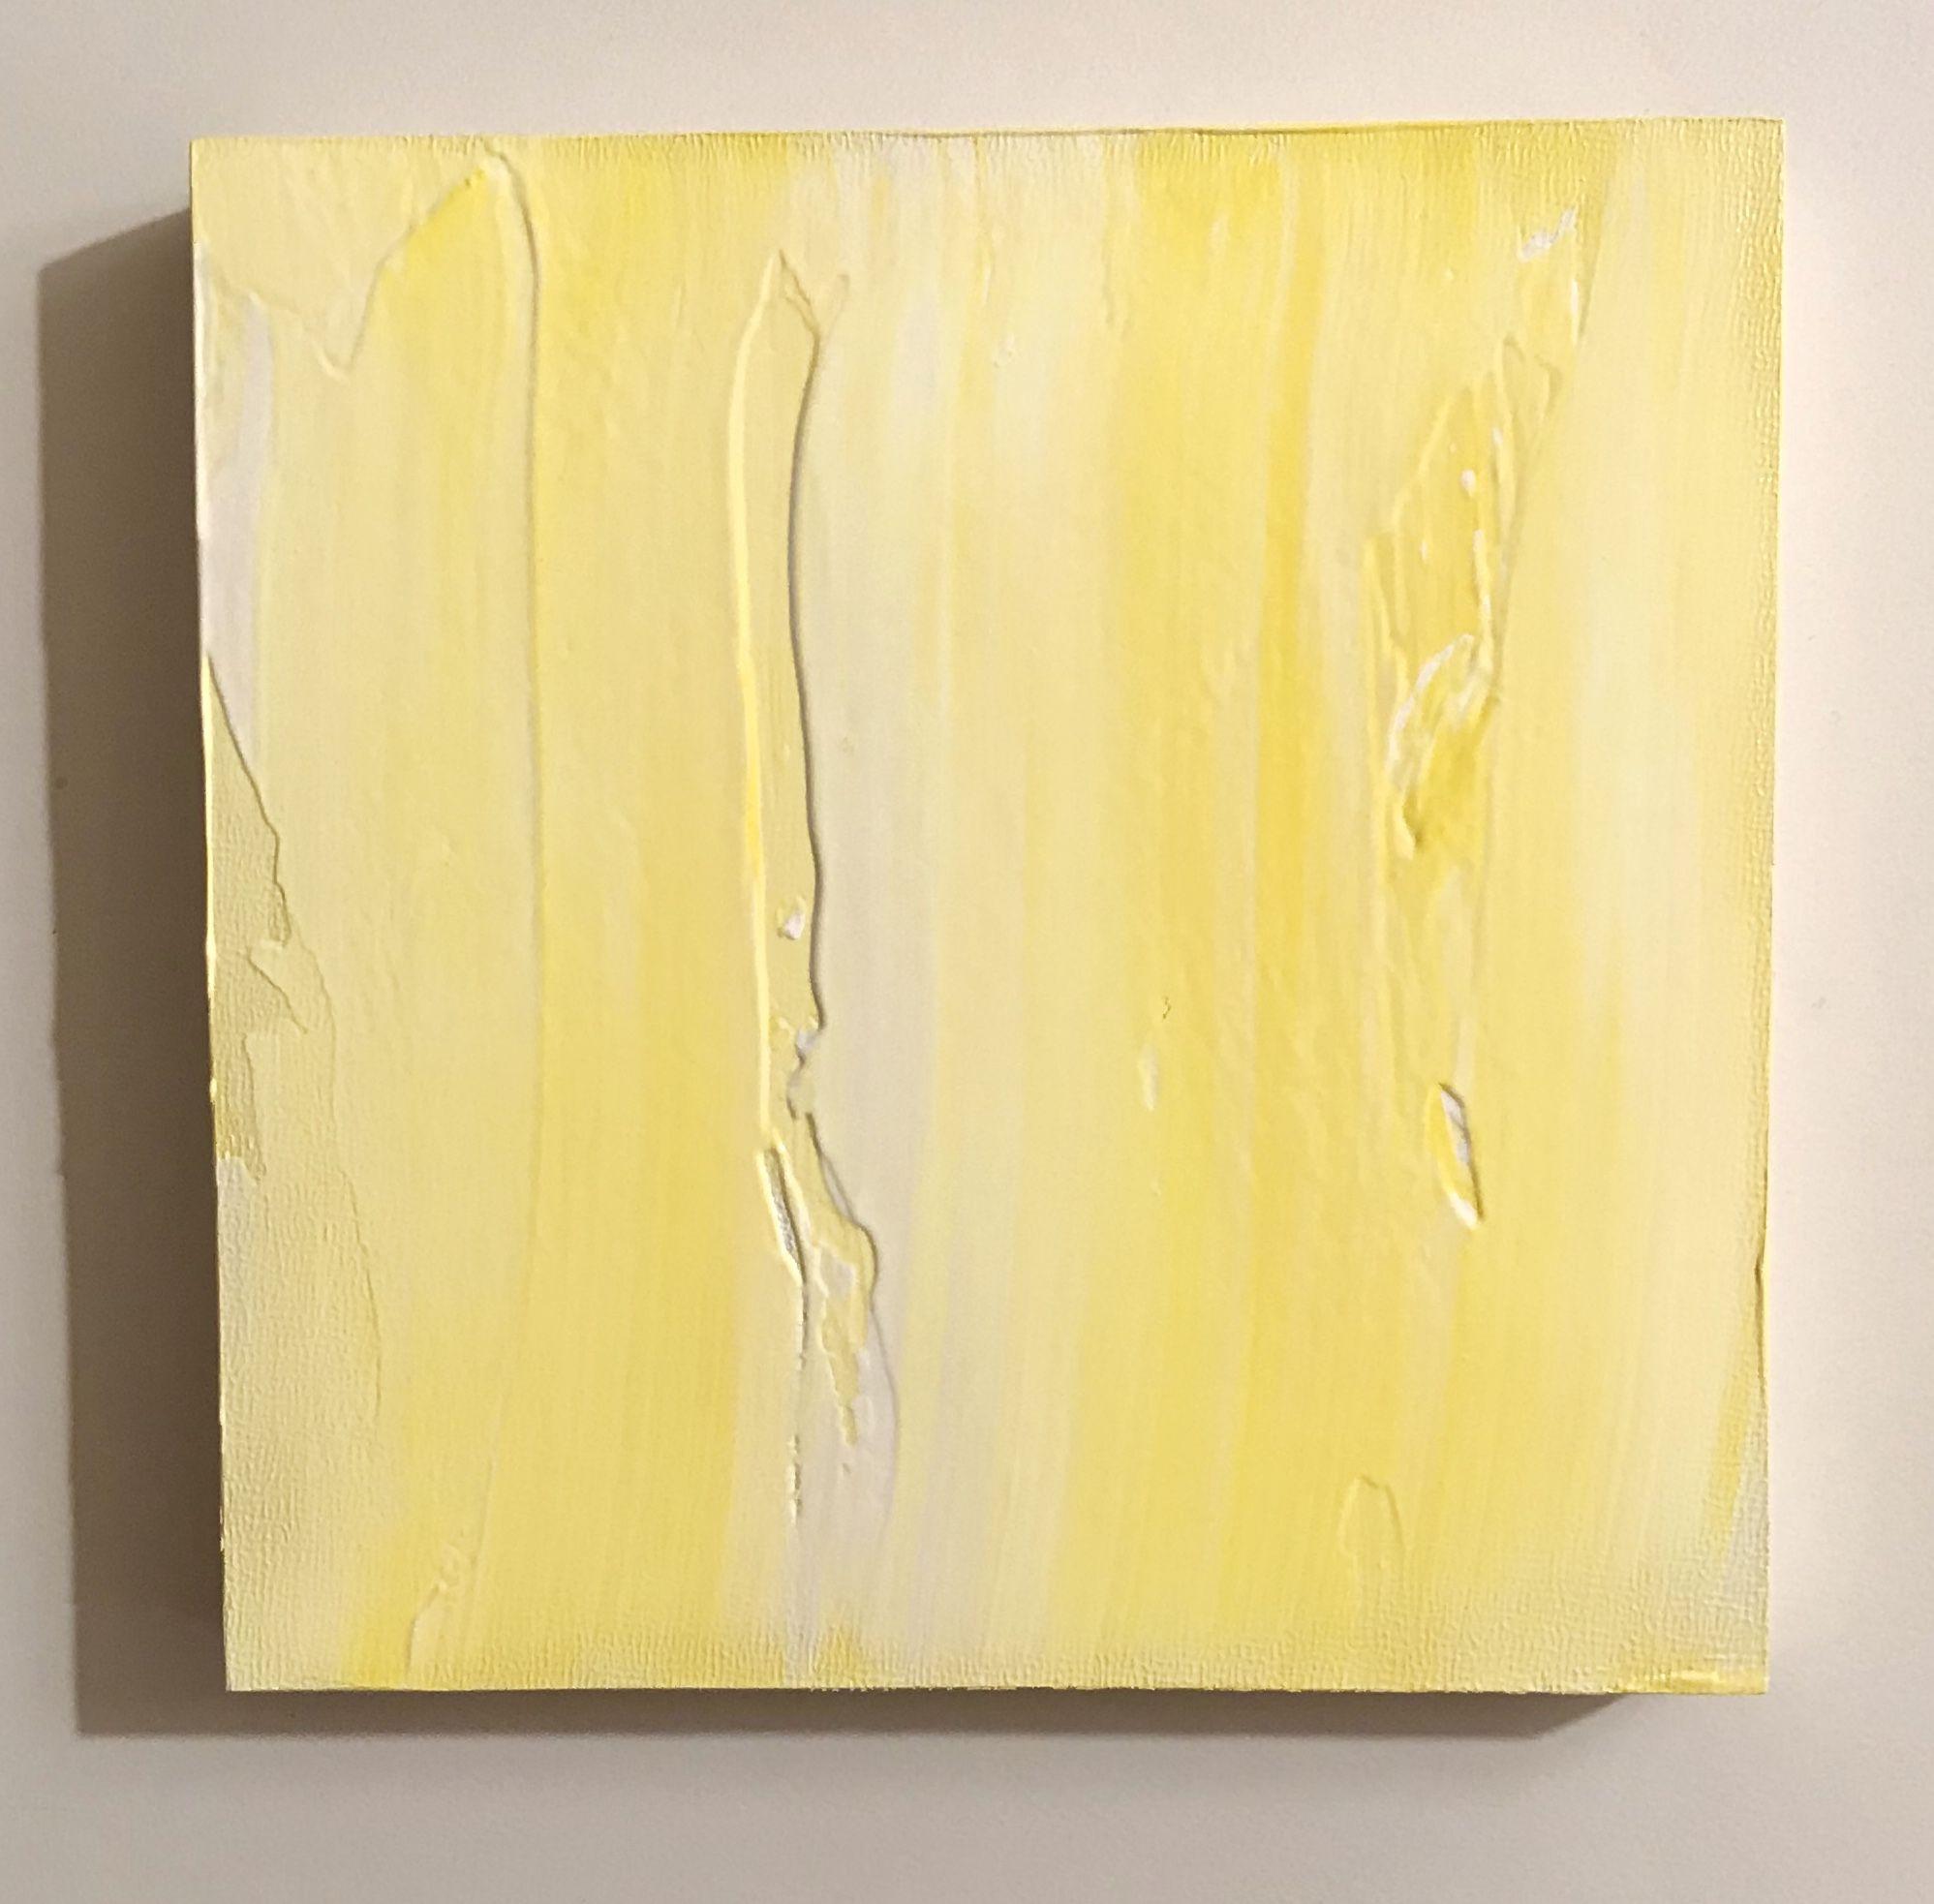 Jaclyn Mahmuljin, Acrylic Wood Block #Abstract #Art #Acrylic #Yellow #Sunshine